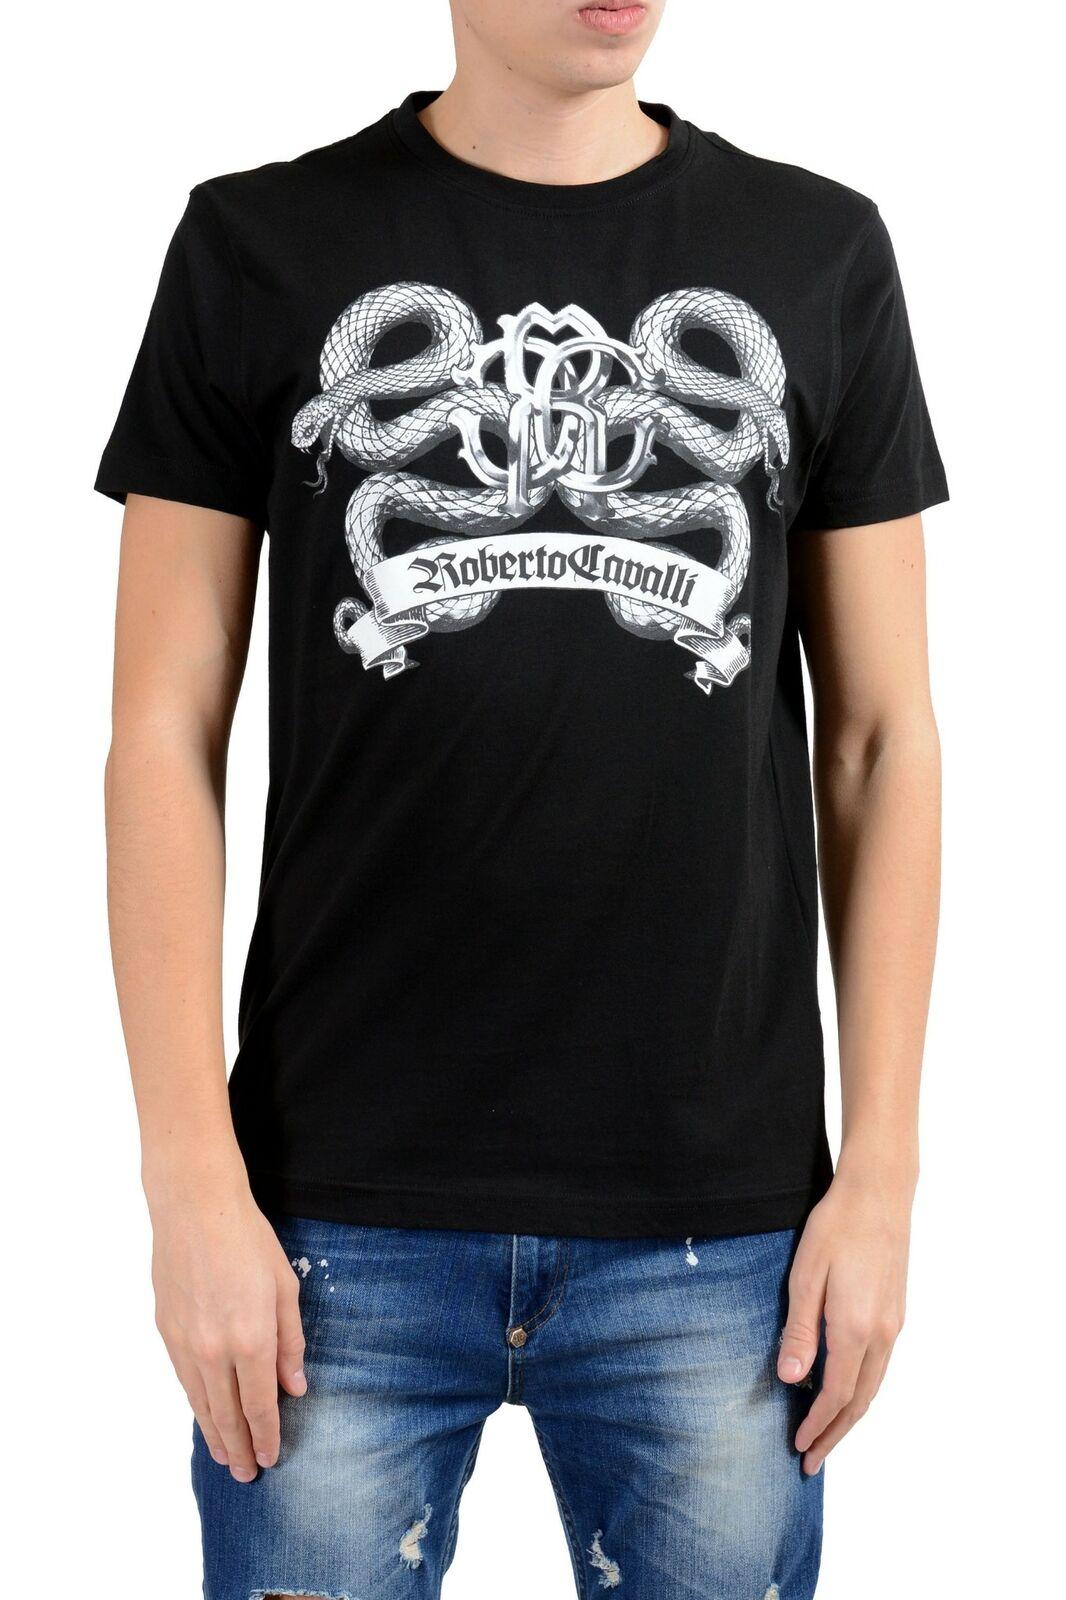 Roberto Cavalli Herren Schwarz Grafik Rundhalsausschnitt T-Shirt GRÖSSE S L XL    Am wirtschaftlichsten